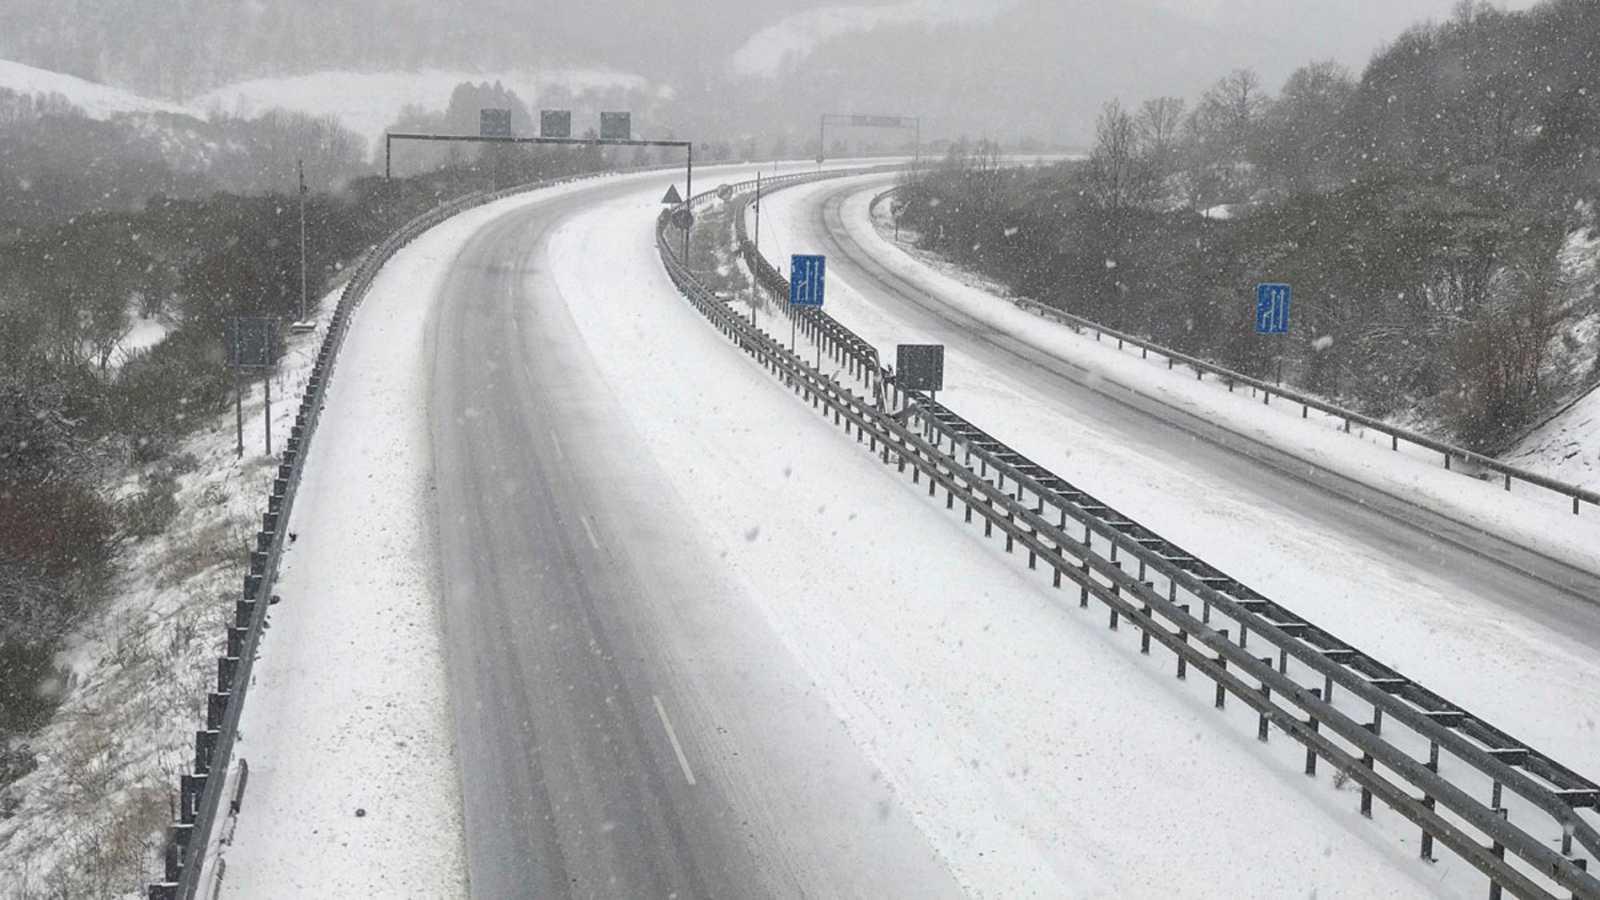 La DGT recomienda planificar con antelación los viajes ante las nevadas